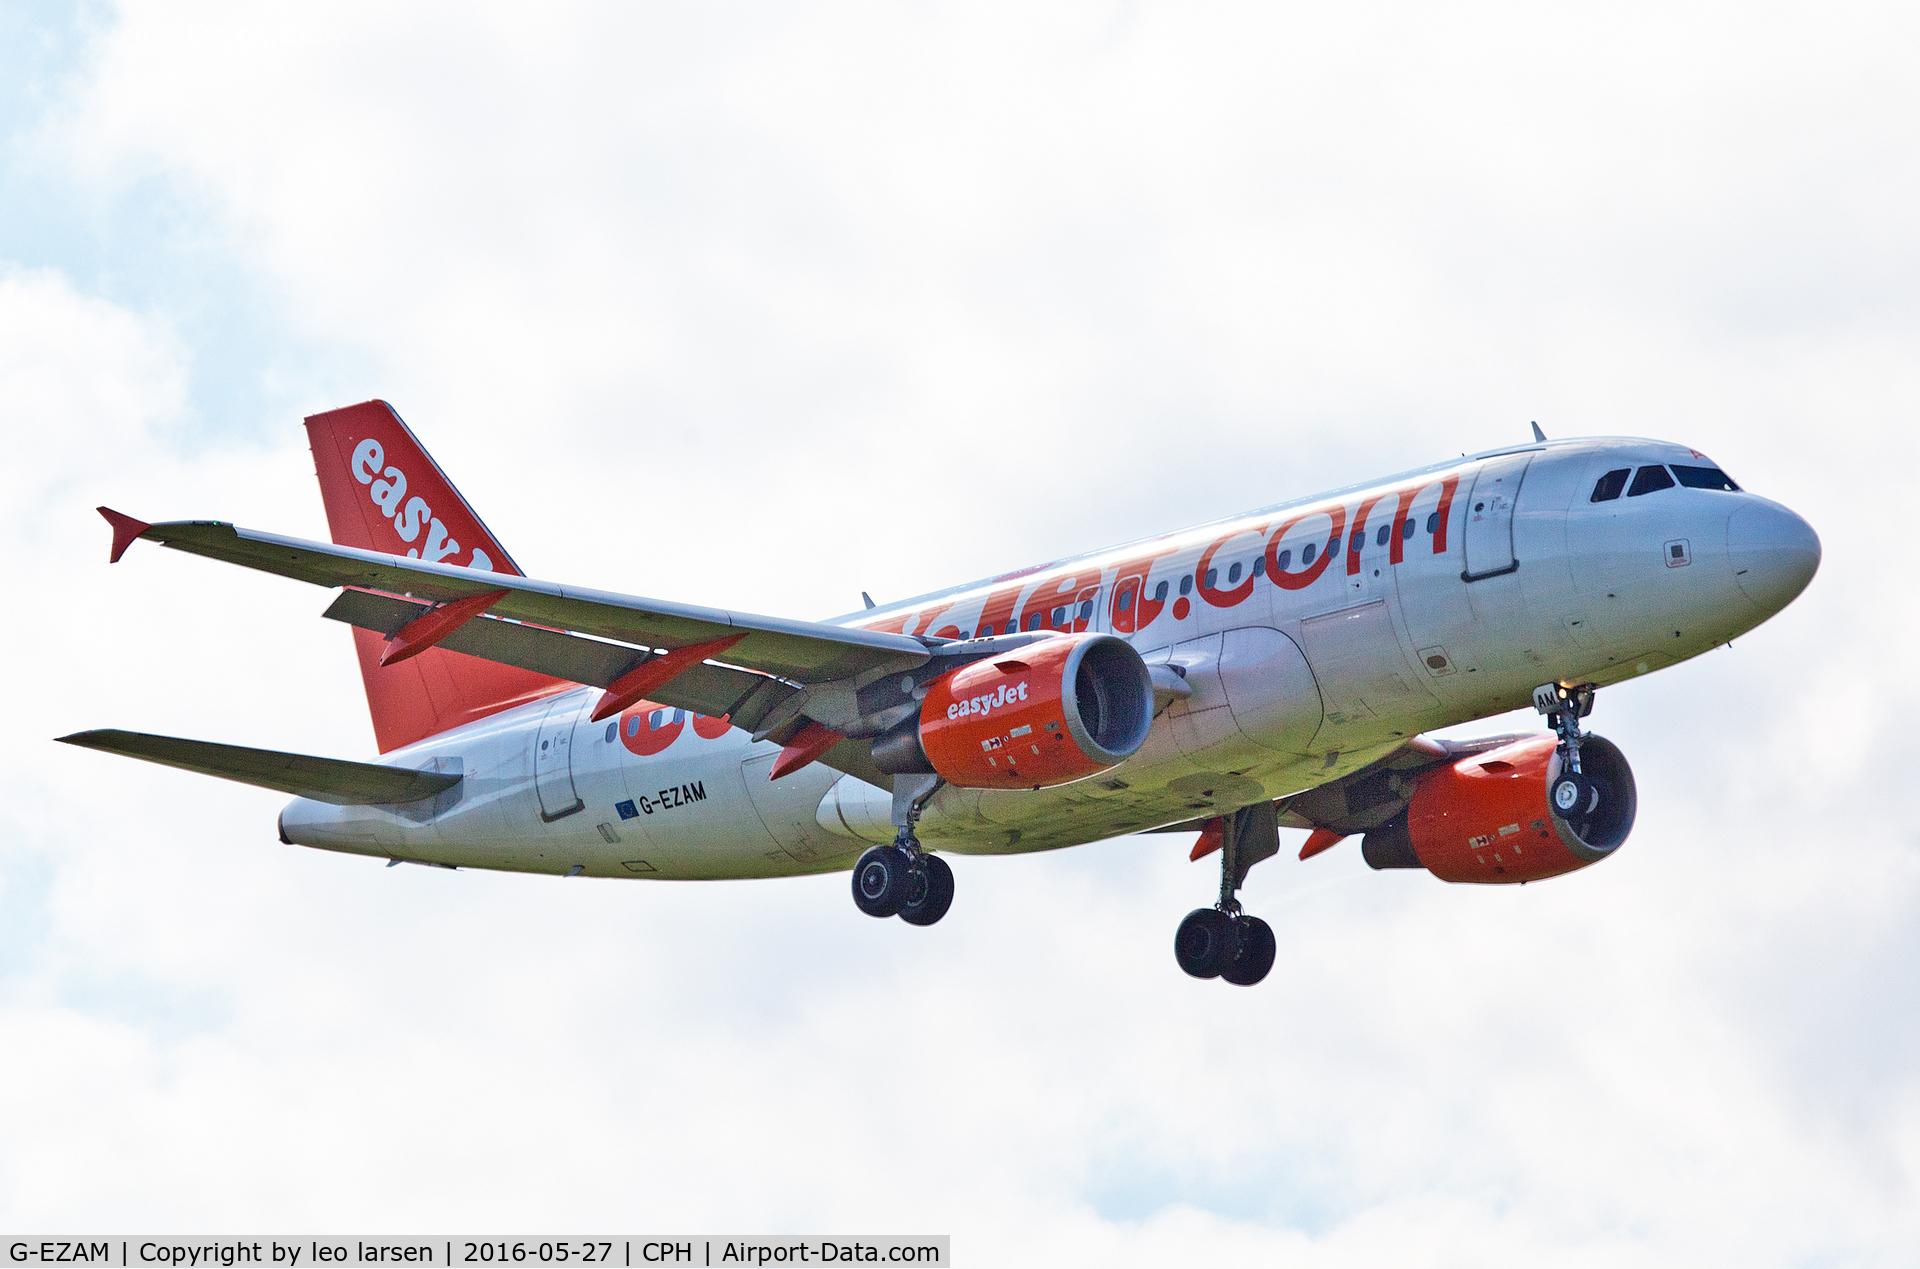 G-EZAM, 2003 Airbus A319-111 C/N 2037, Copenhagen 27.5.2016 L/D R-04L